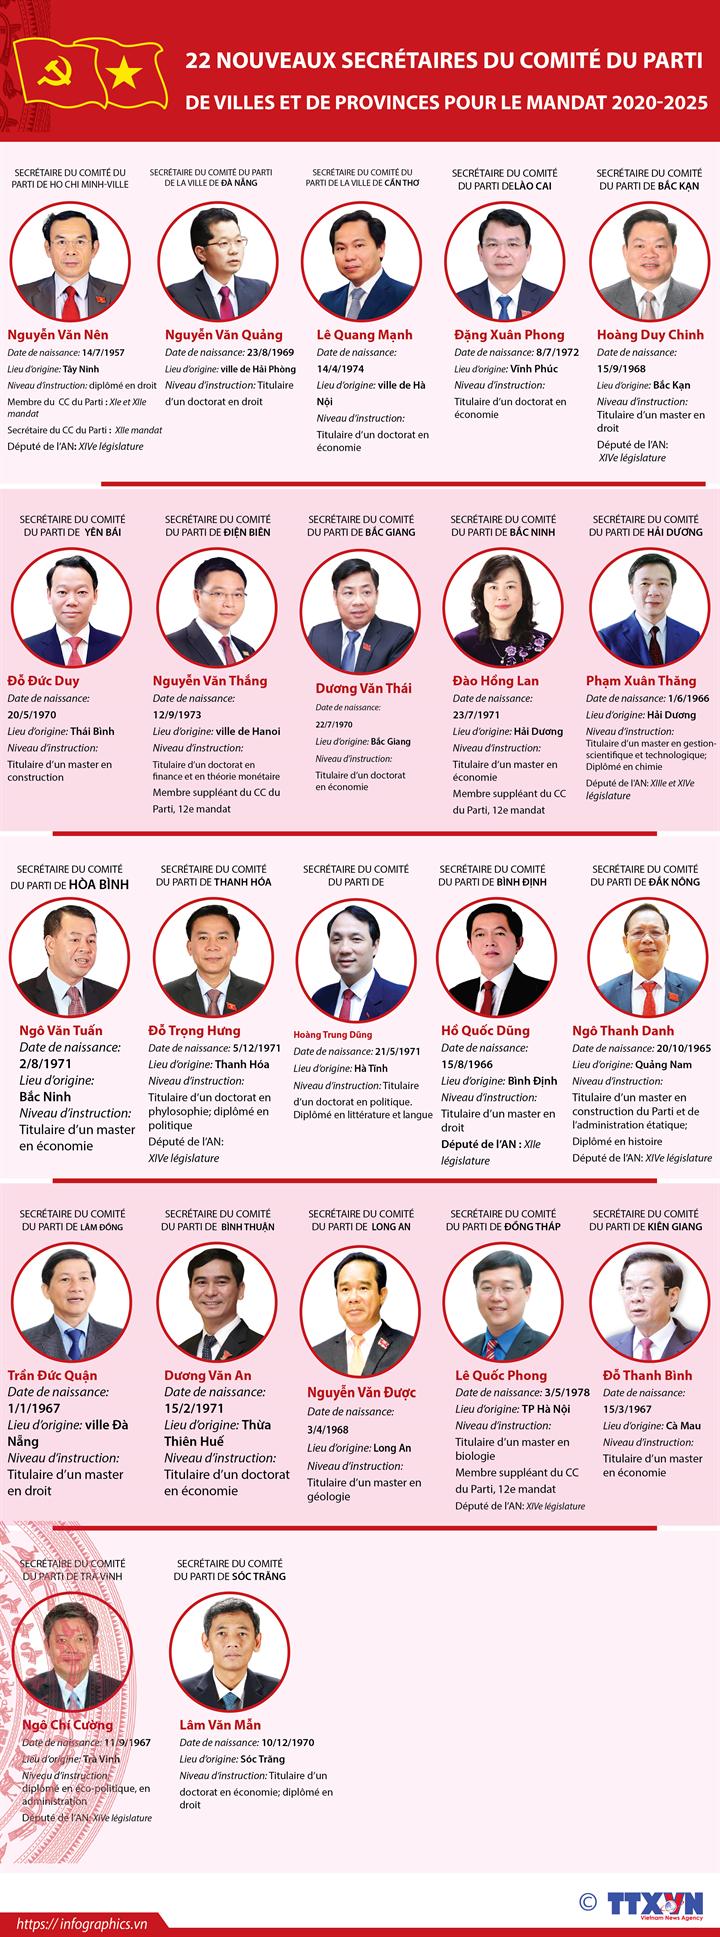 22 nouveaux secrétaires du Comité du Parti de villes et de provinces pour le mandat 2020-2025